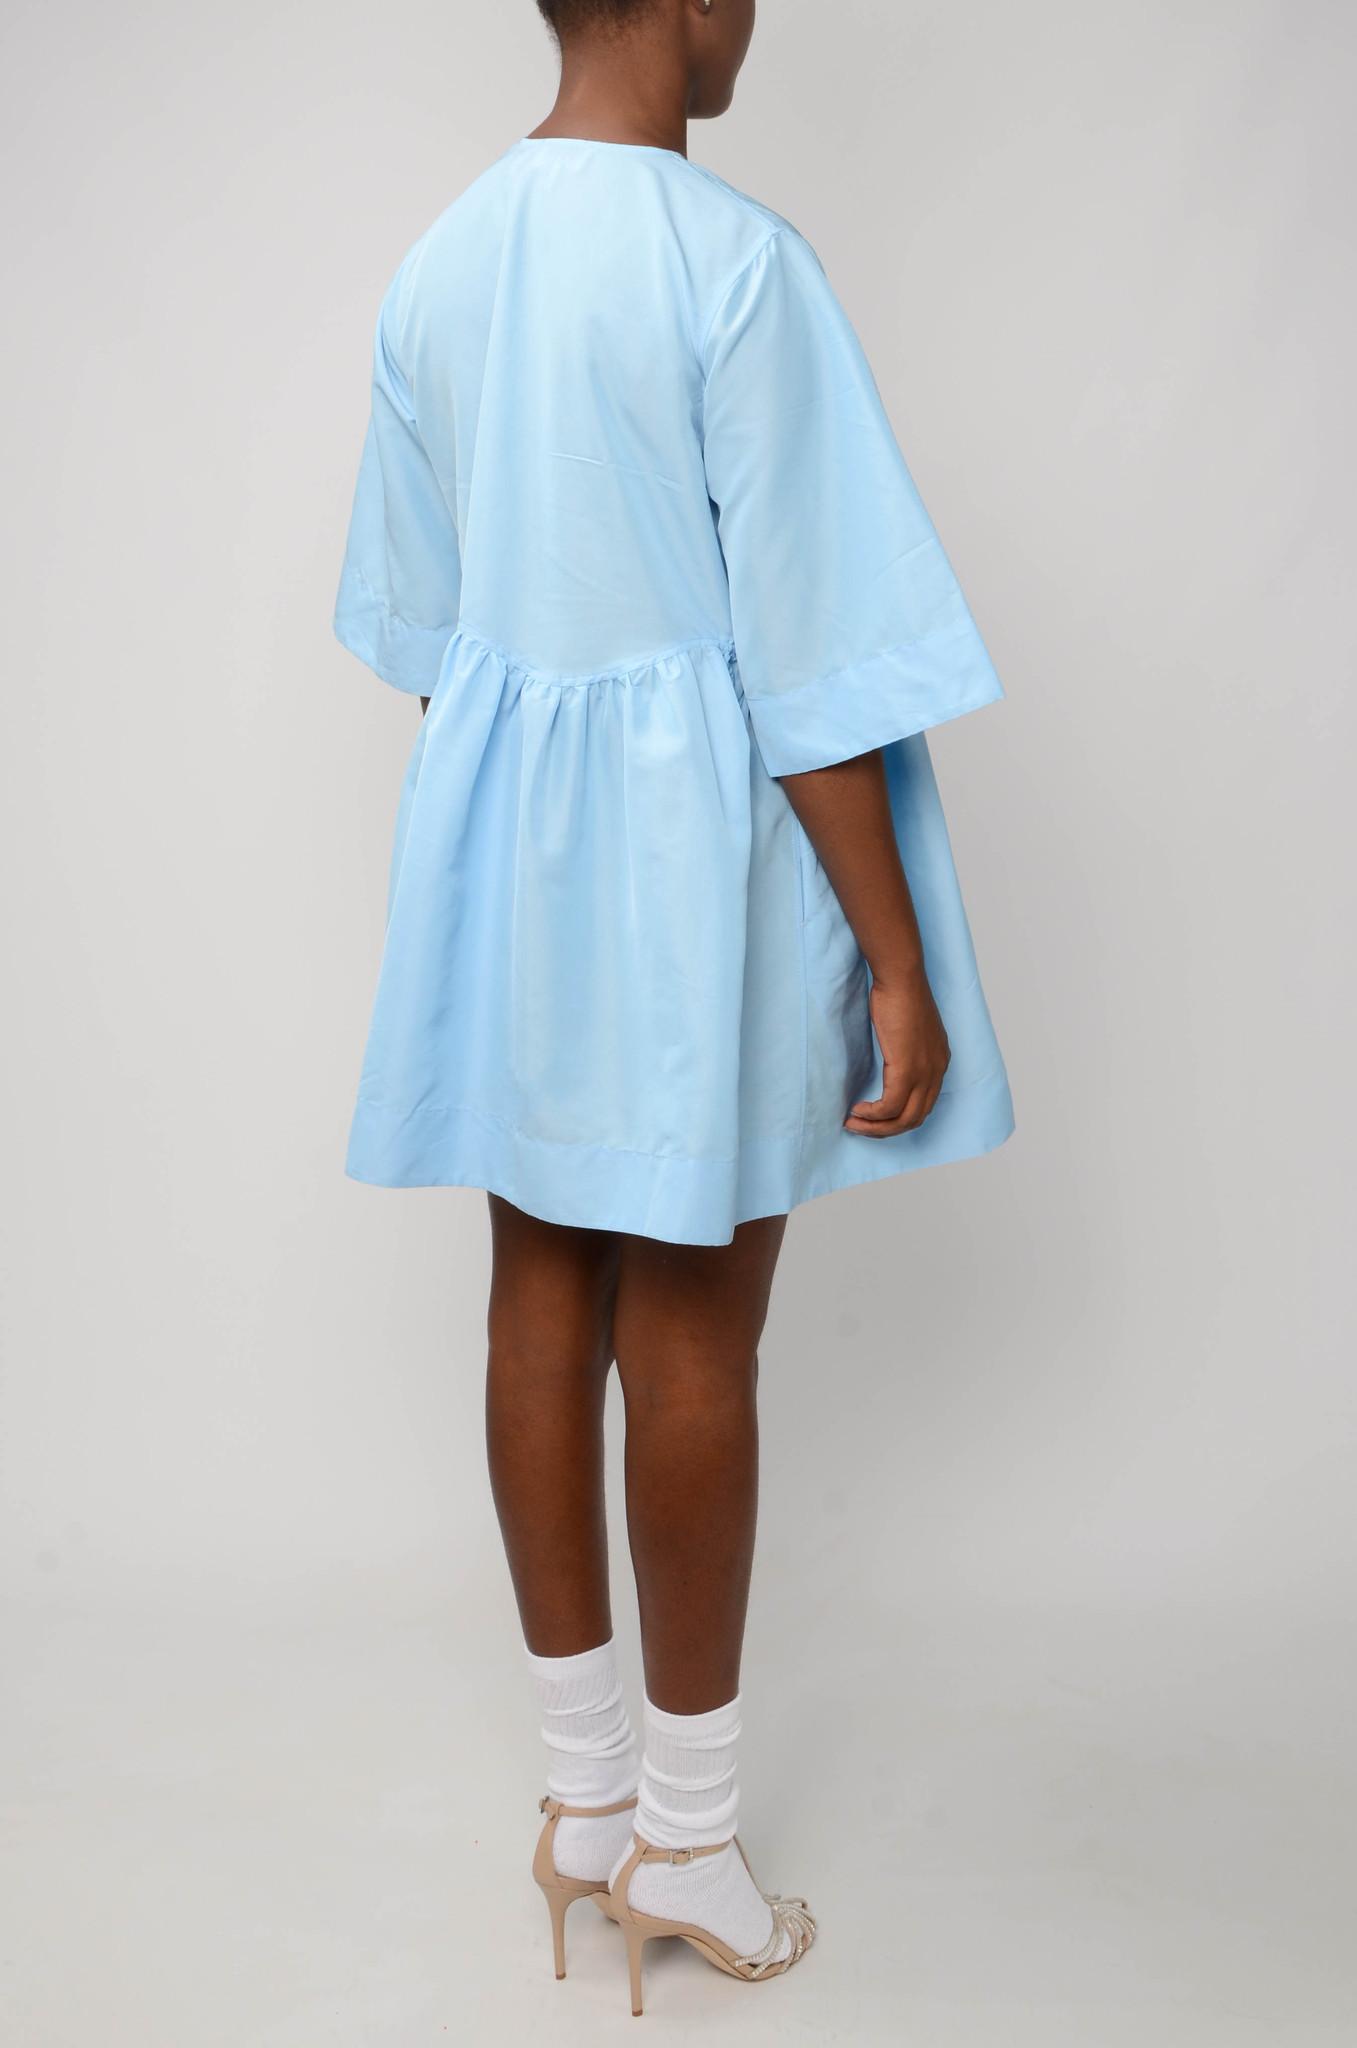 MINI WRAP DRESS IN BLUE TAFETTA-4